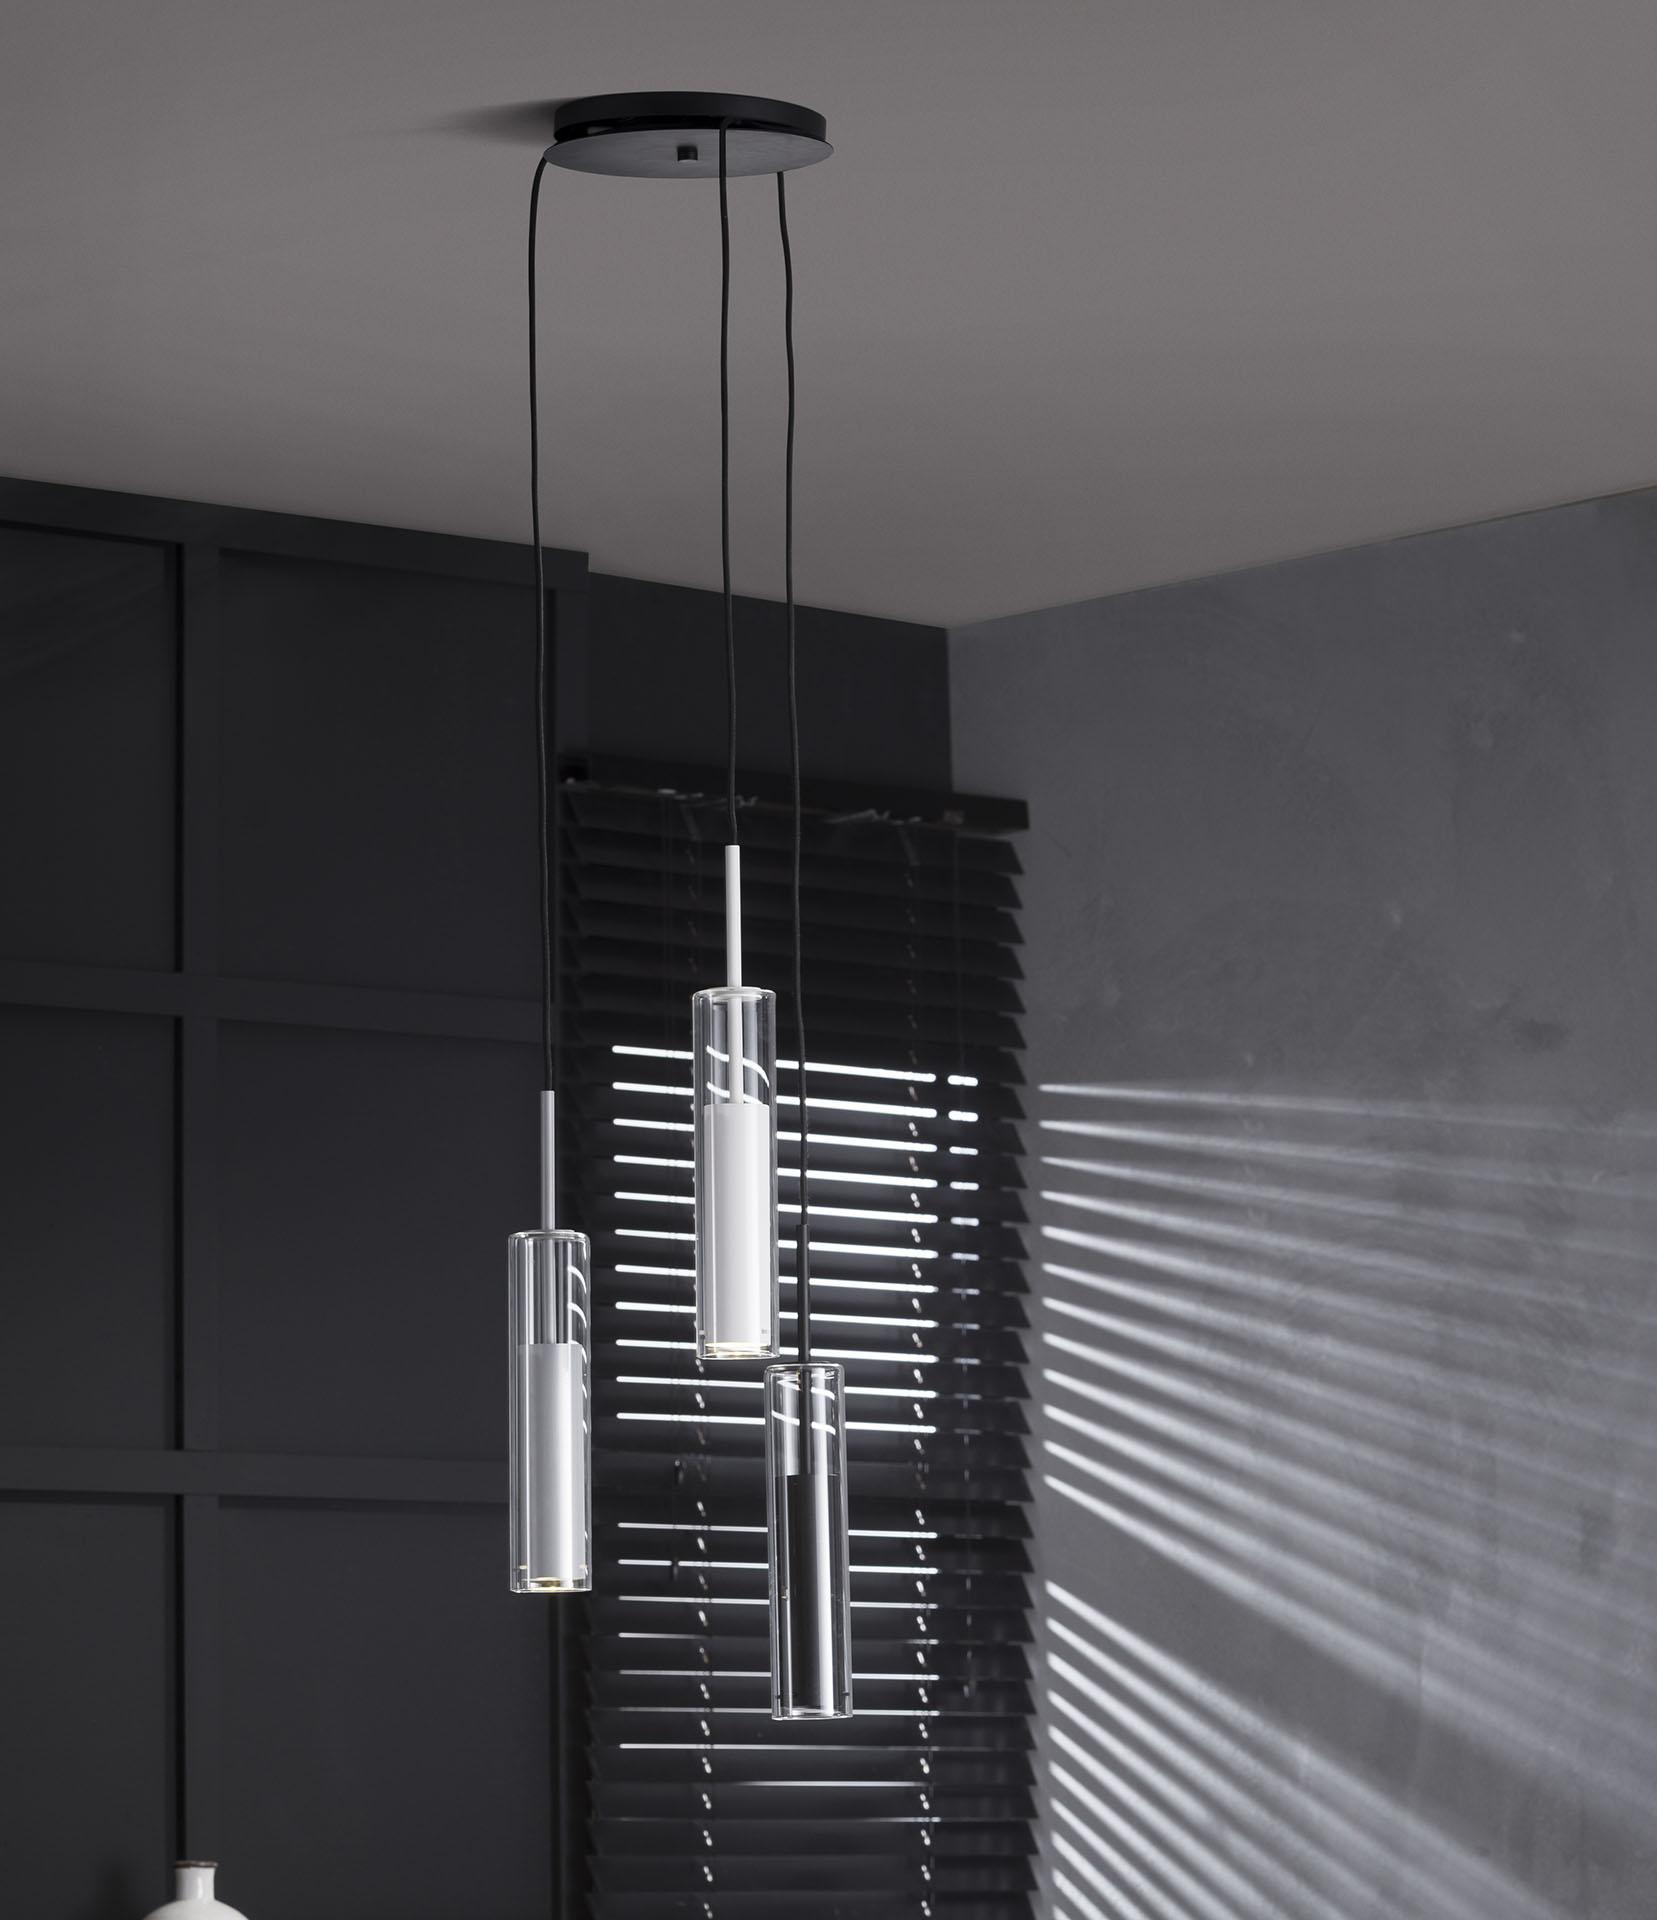 mioni hanglamp tre 3 lamps verlichting hanglampen kopen